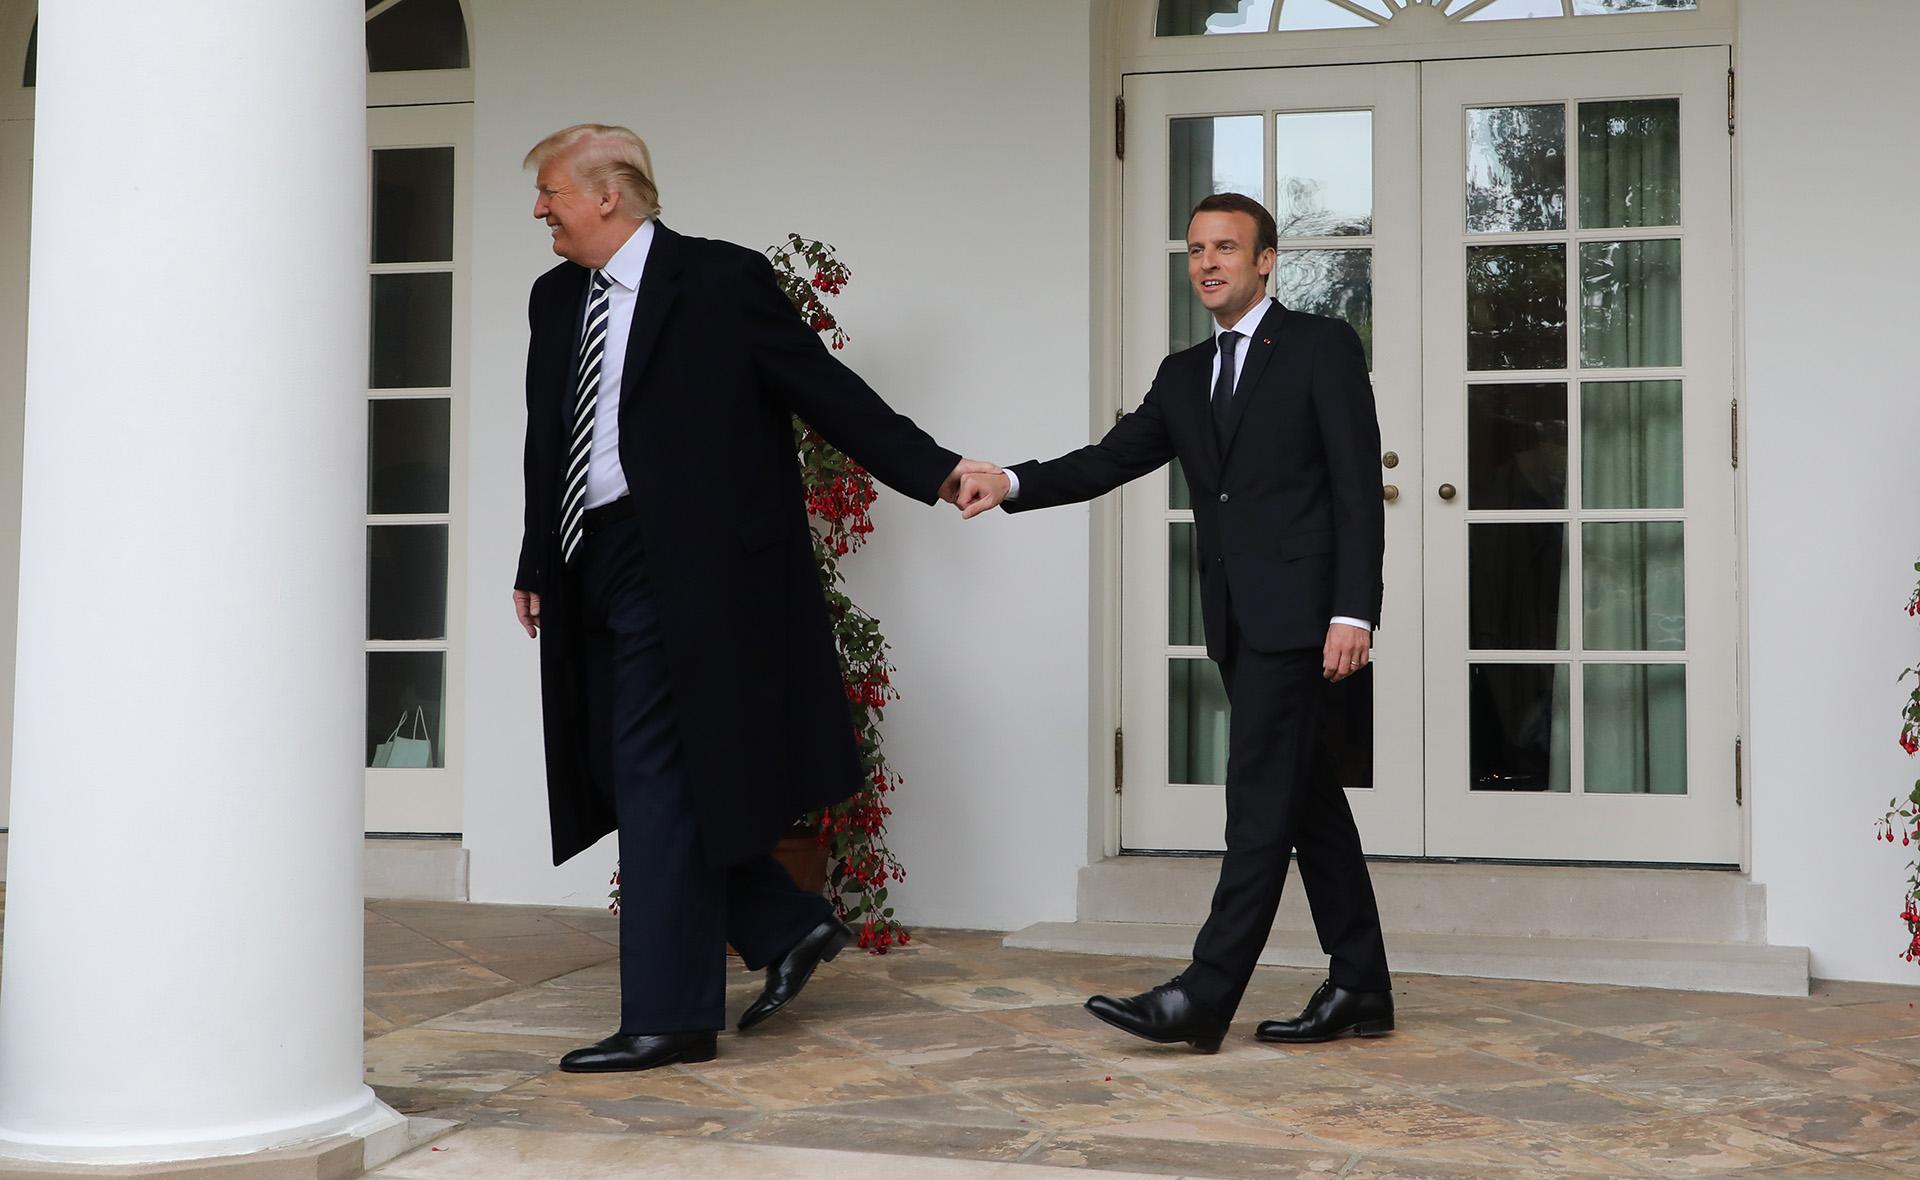 El presidente estadounidense Donald Trump lleva de la mano a su par francés Emmanuel Macron durante una visita oficial en la Casa Blanca, el24 de abril (Ludovic MARIN / AFP)